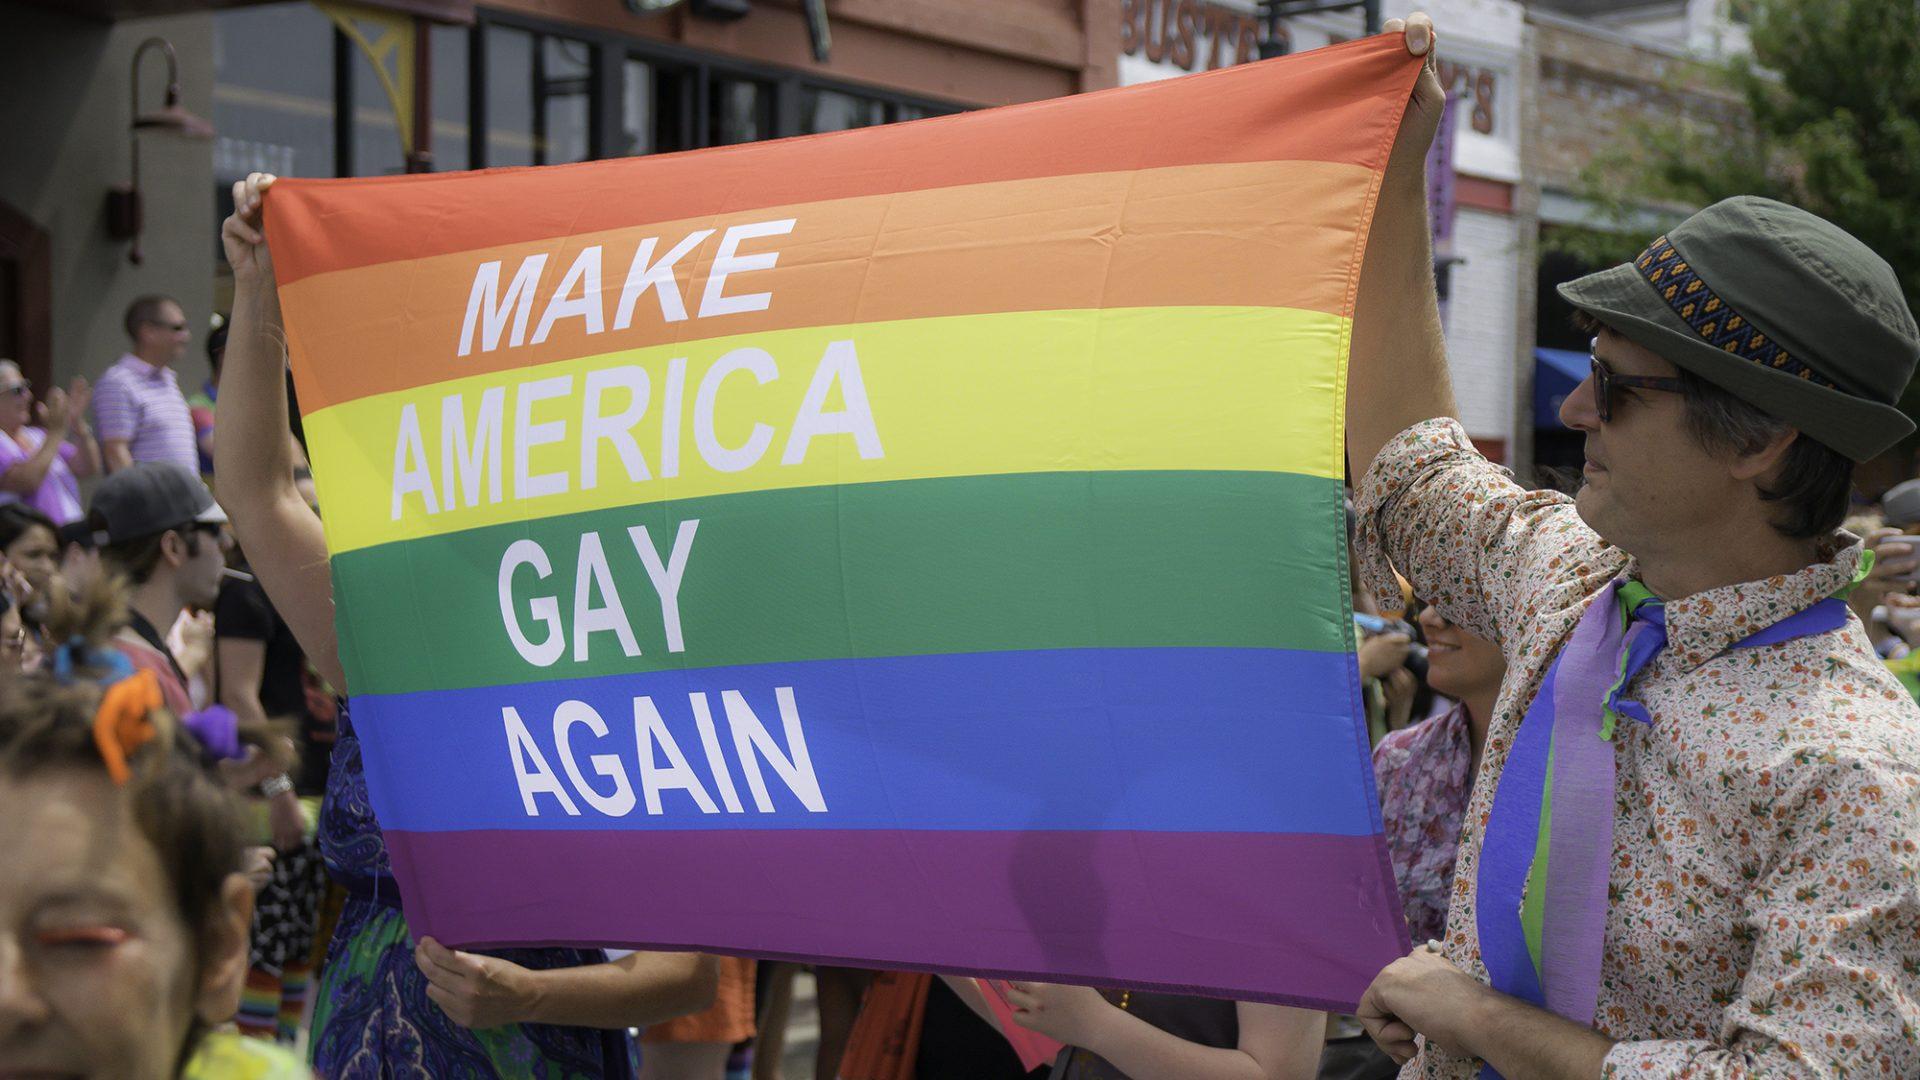 Northwest Arkansas Equality